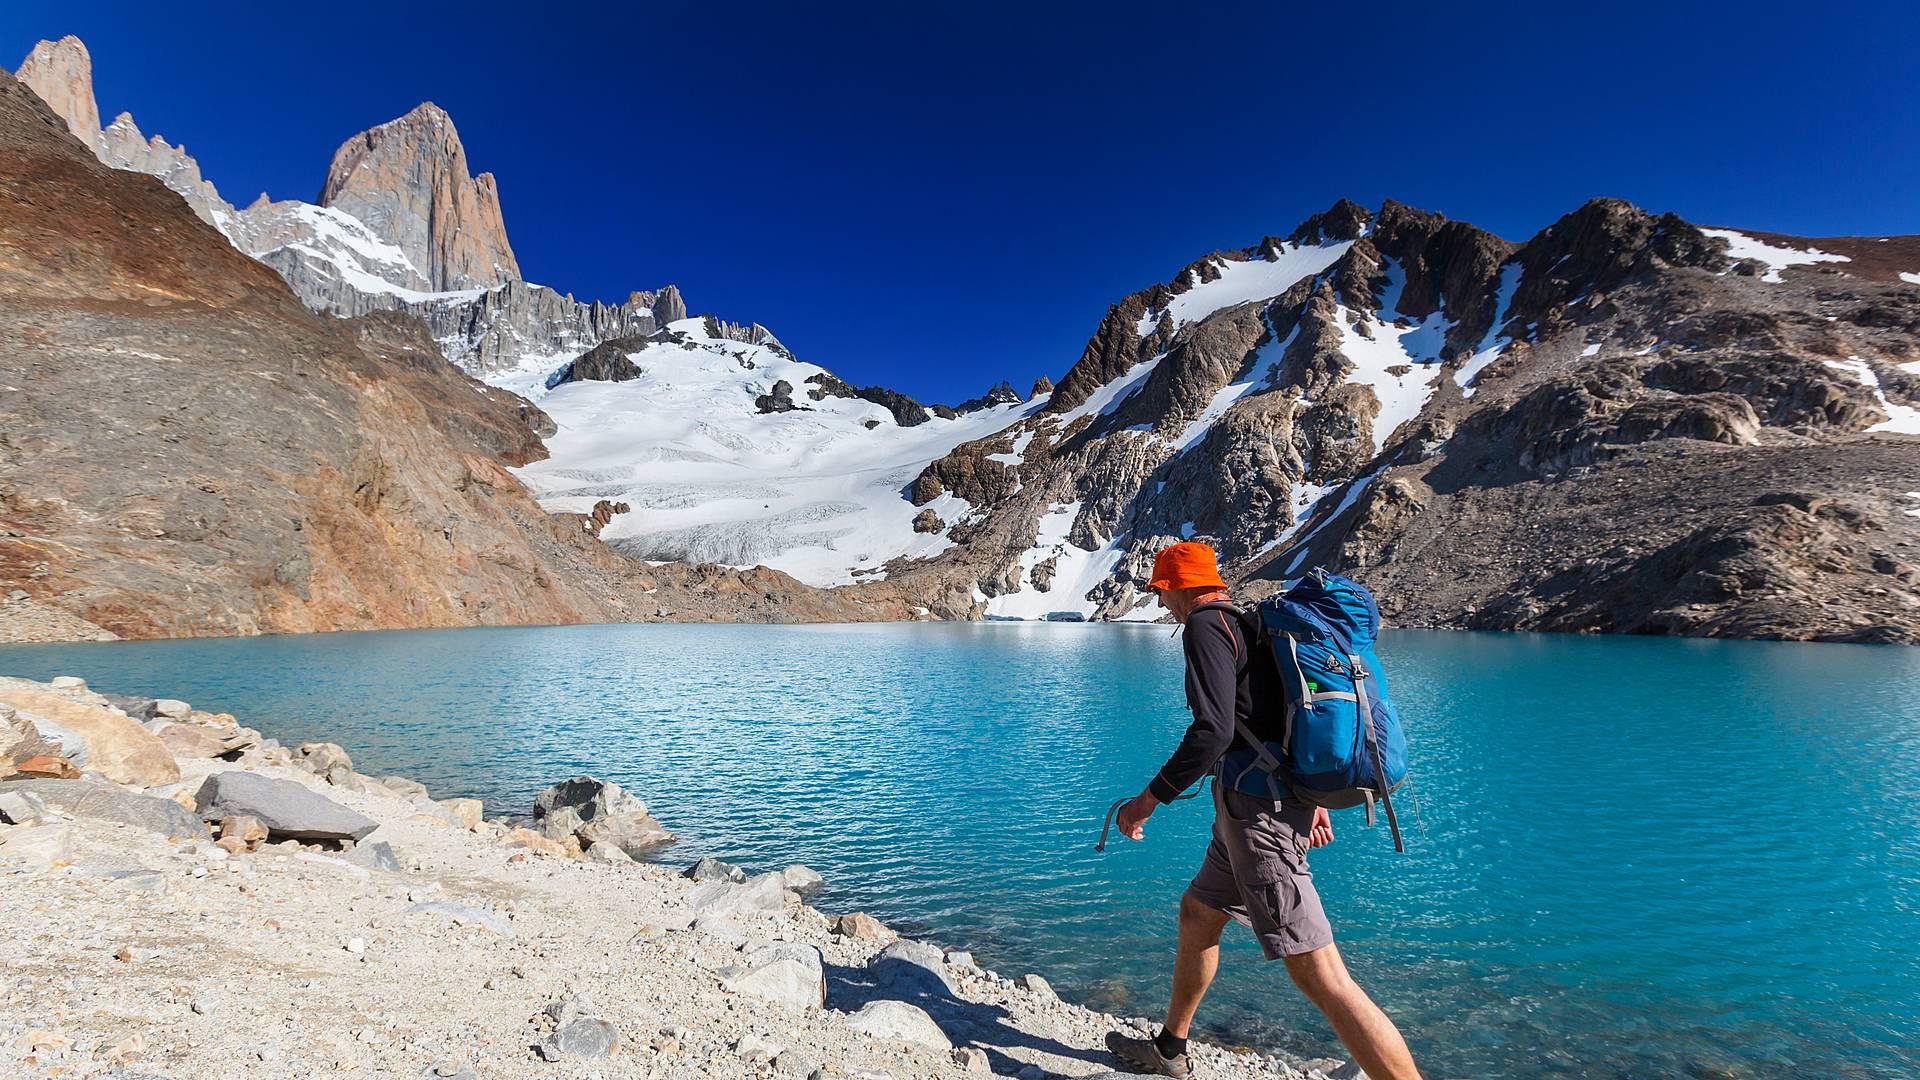 Wanderabenteuer rund um El Chalten